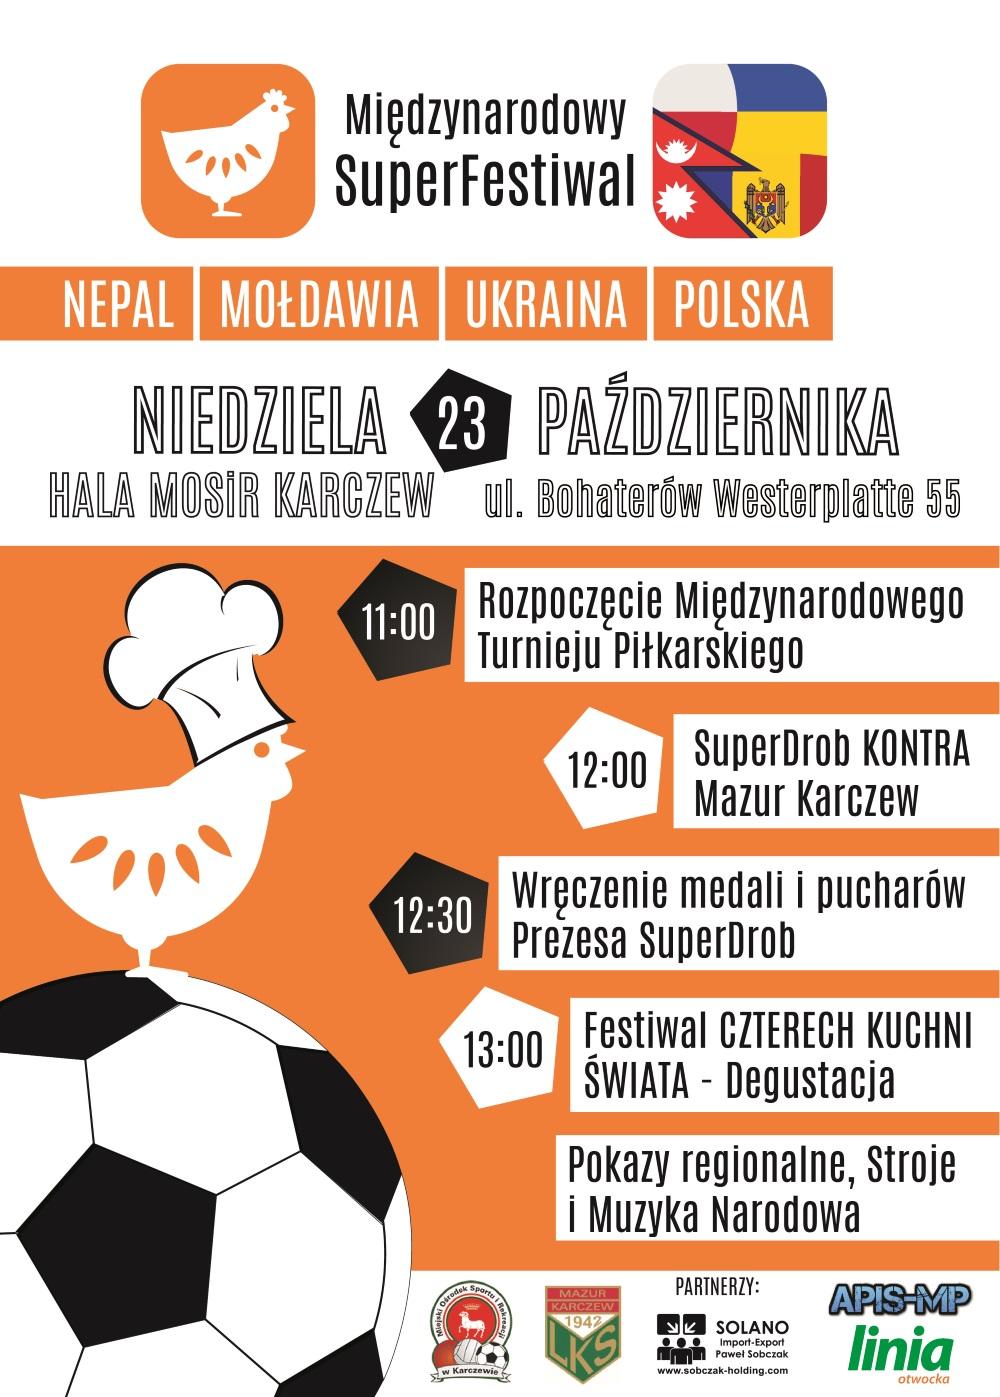 miedzynarodowy-superfestiwal-2016-pierwsza-edycja